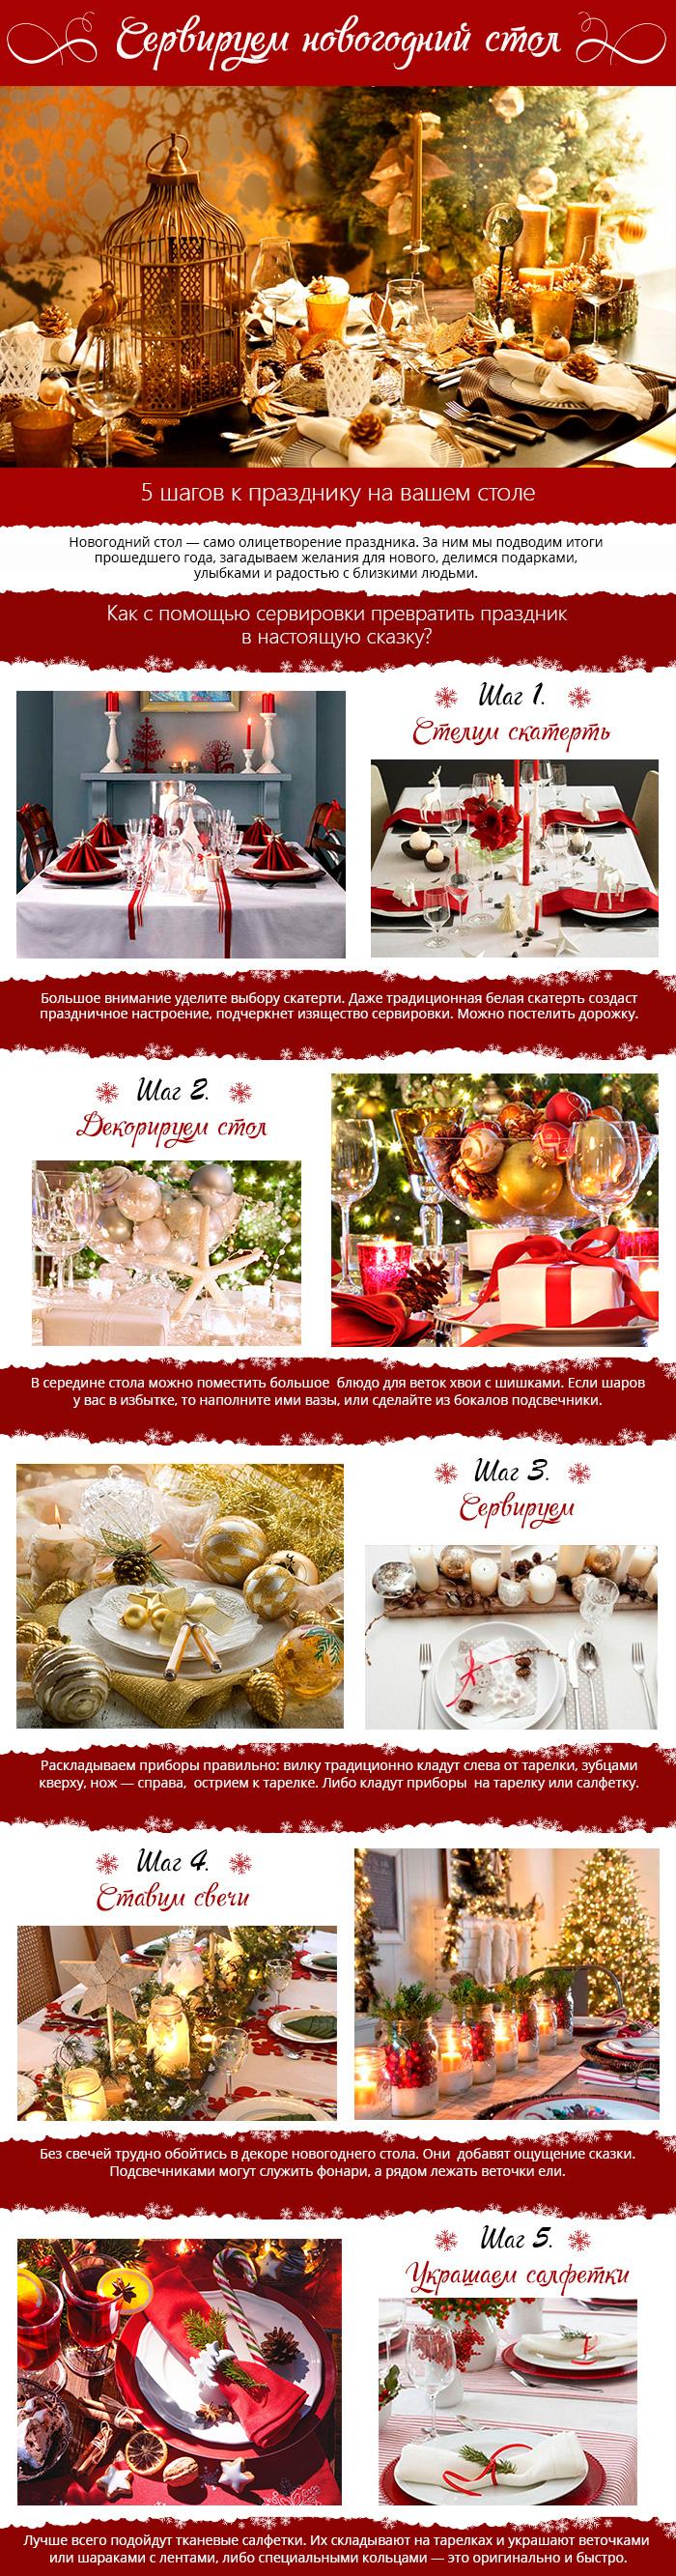 МК Сервировка новогоднего стола